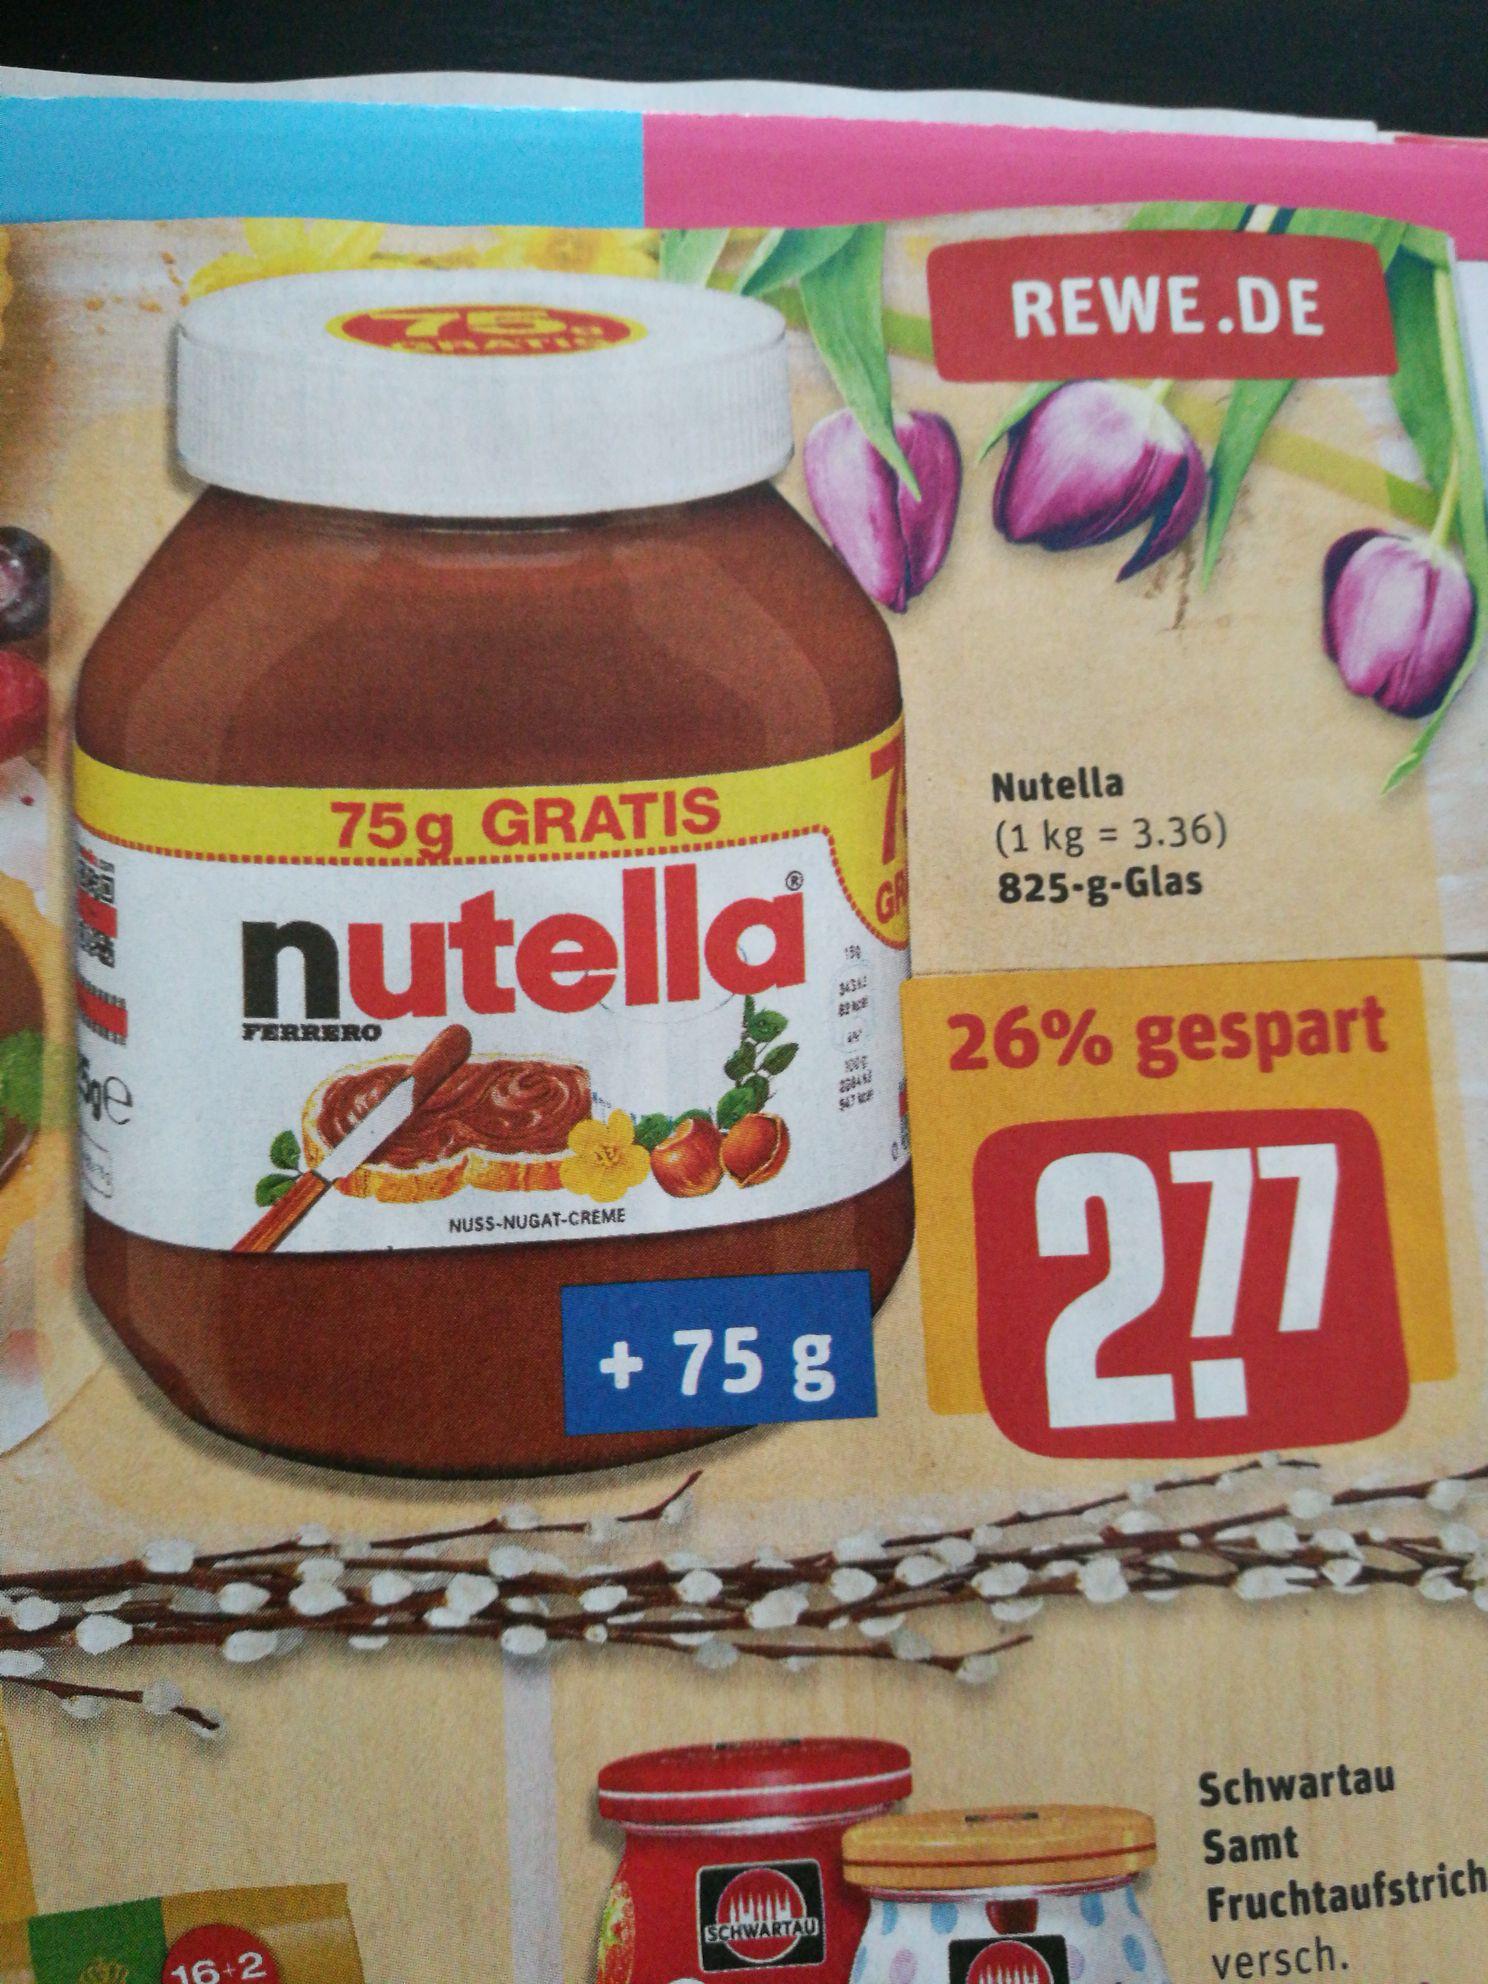 [REWE] Nutella 825 g Glas für 2,77 €